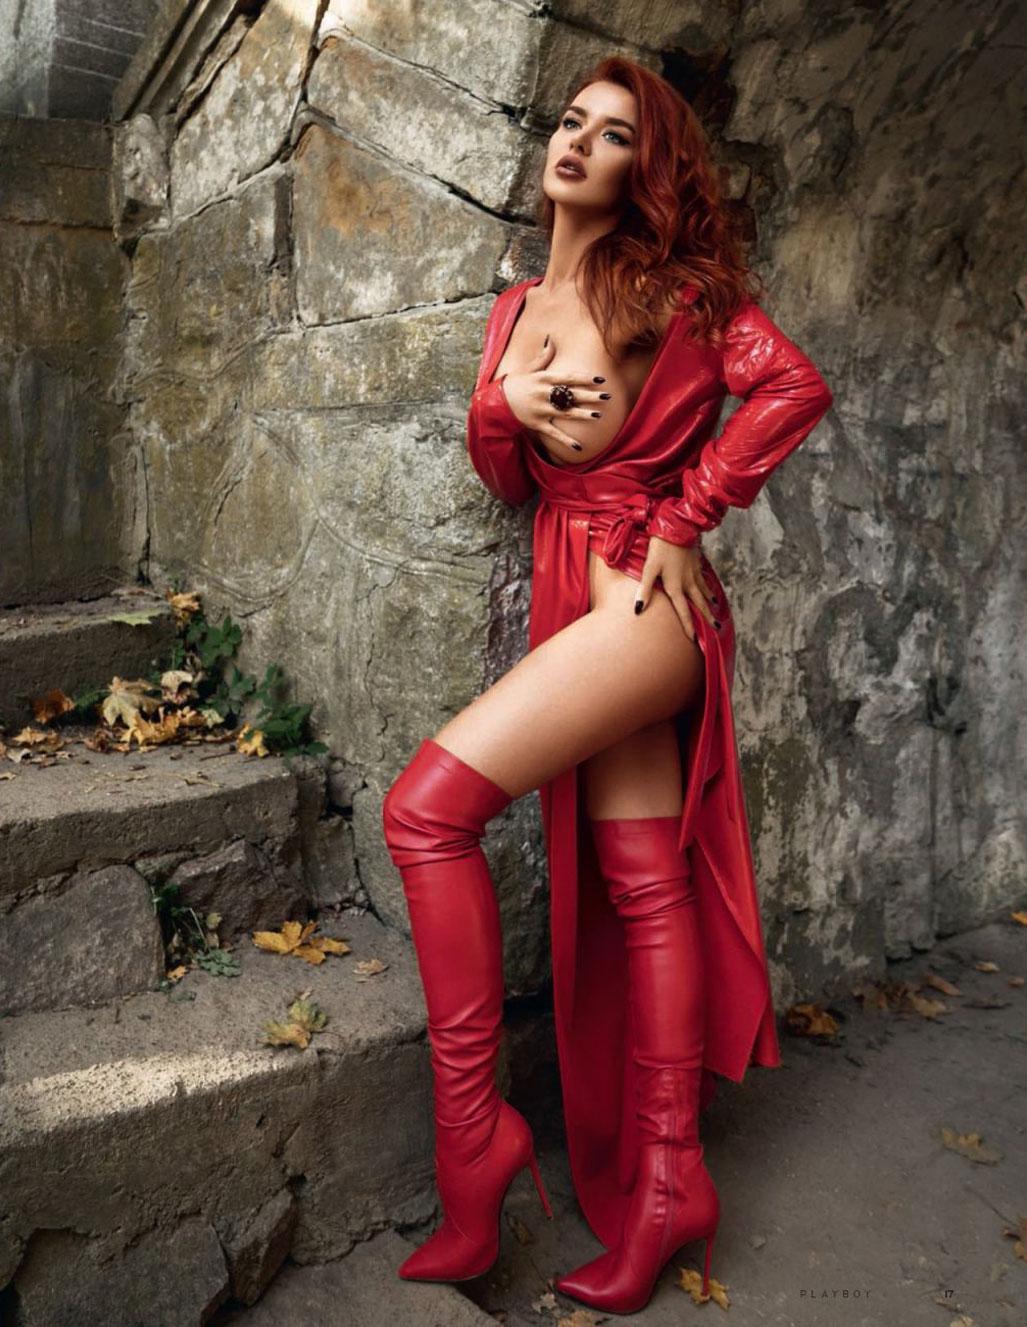 фотомодель журнала Playboy Маргарита Солодка, фотограф Антон Софийченко / фото 08